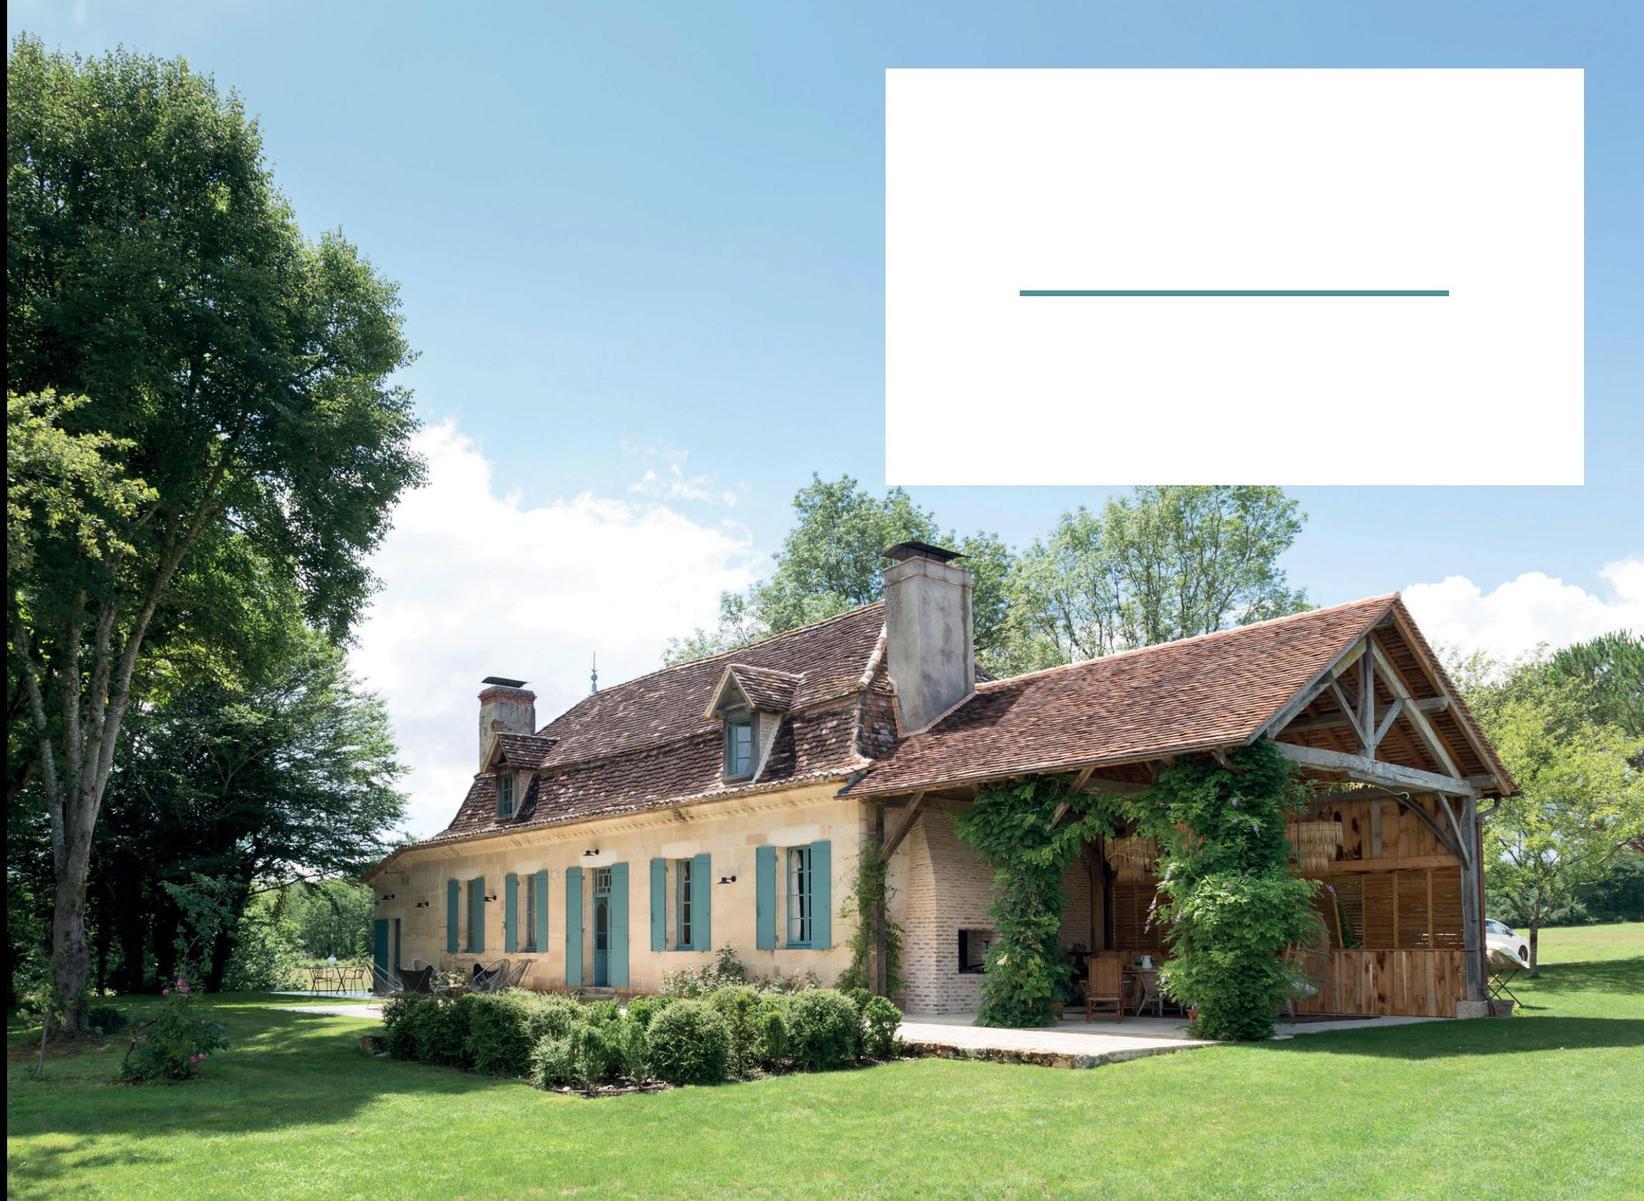 Texte et stylisme : Amandine Berthon — Photos : Julien Fernandez — Production : Amandinejules.com